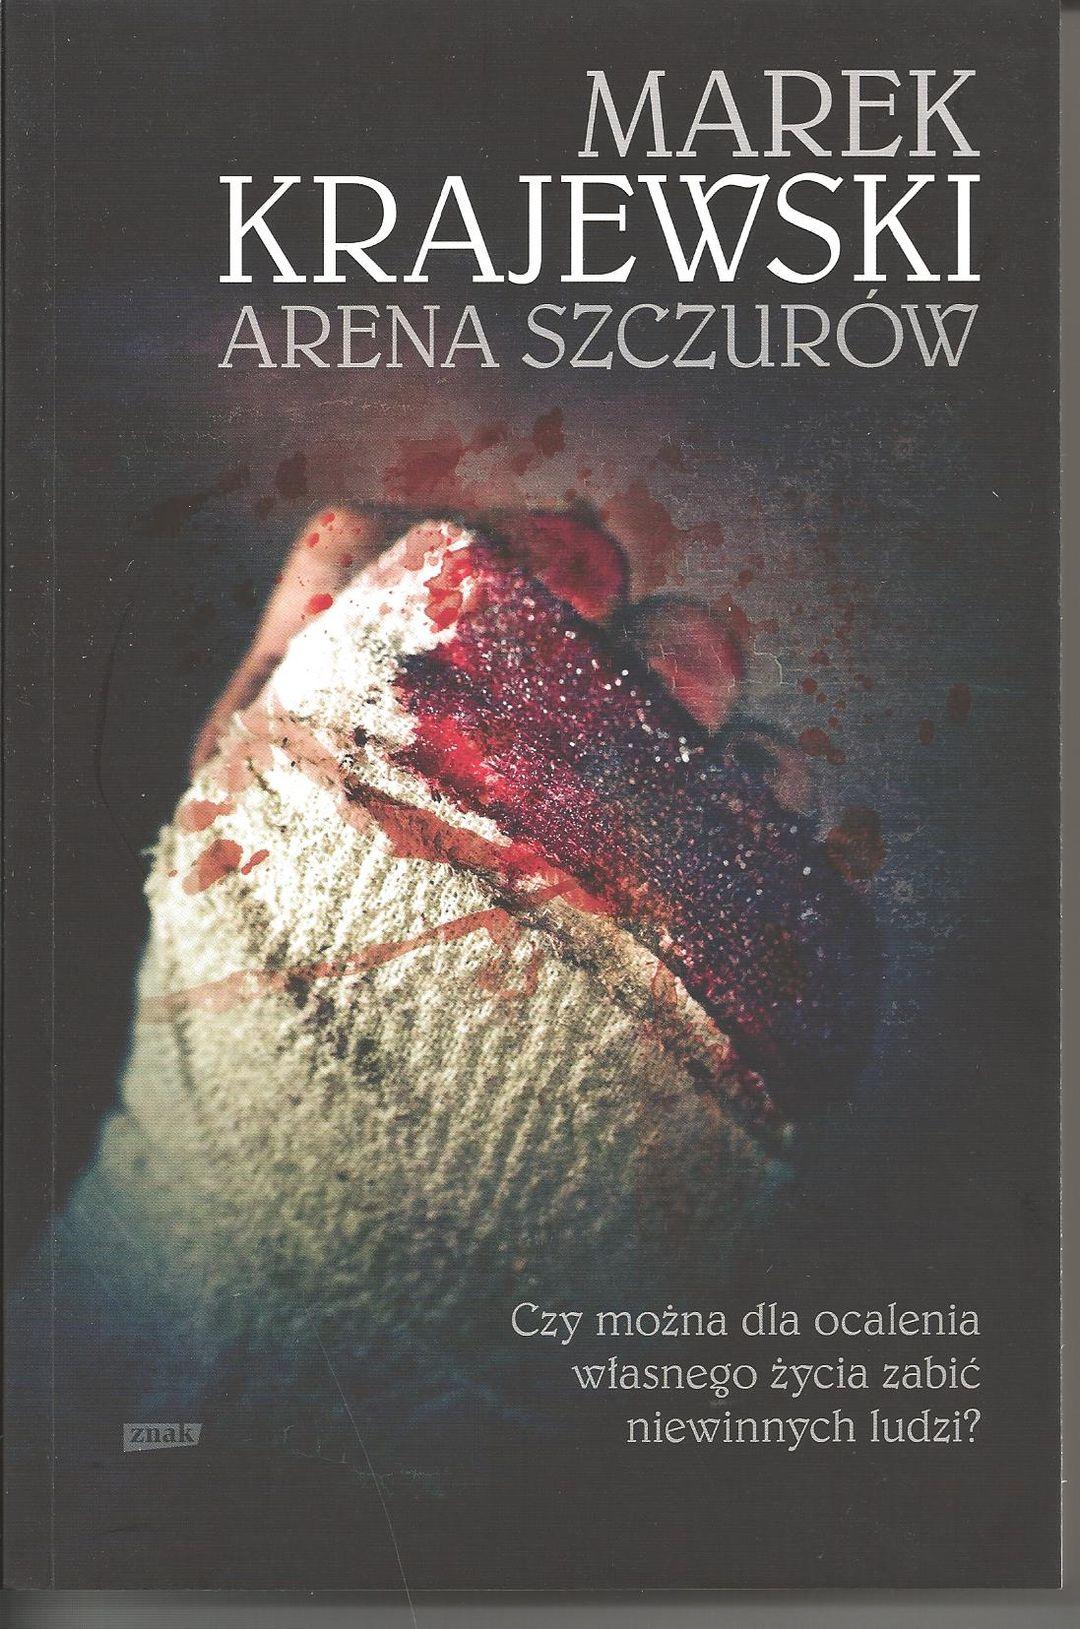 Krajewski Marek – Arena Szczurów